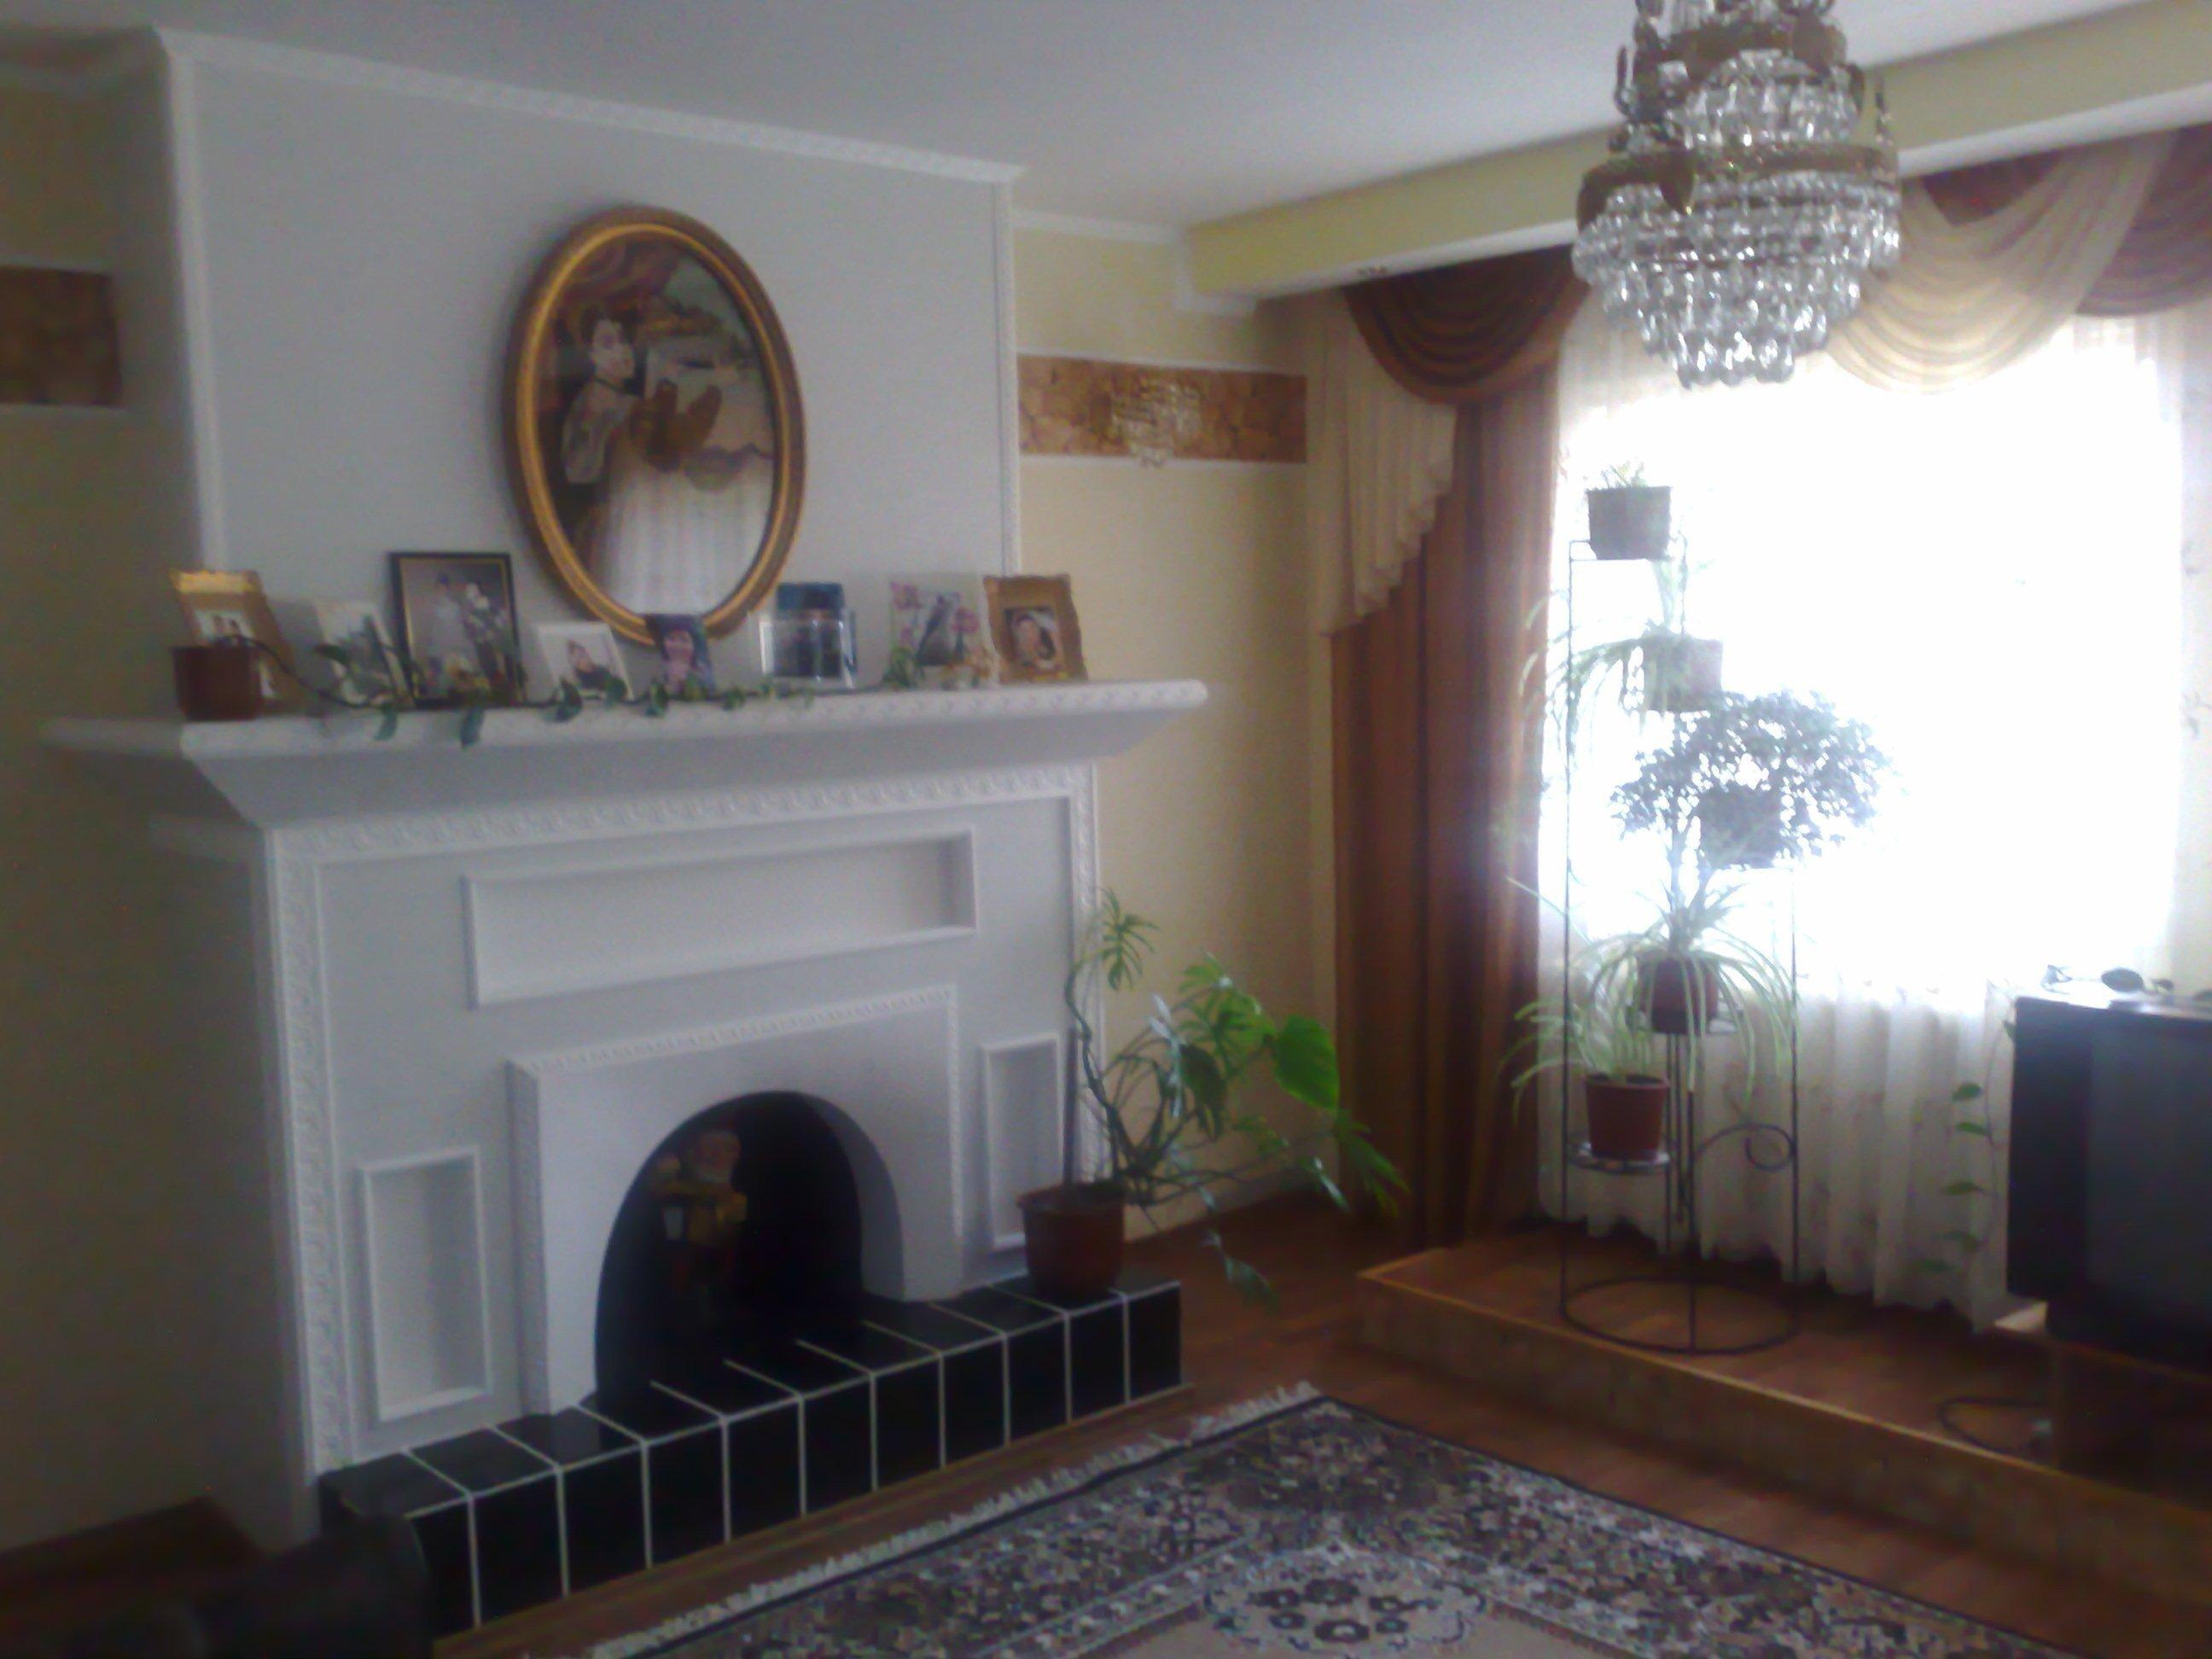 Продам дом в городе Хомутец. Объявление № 3379